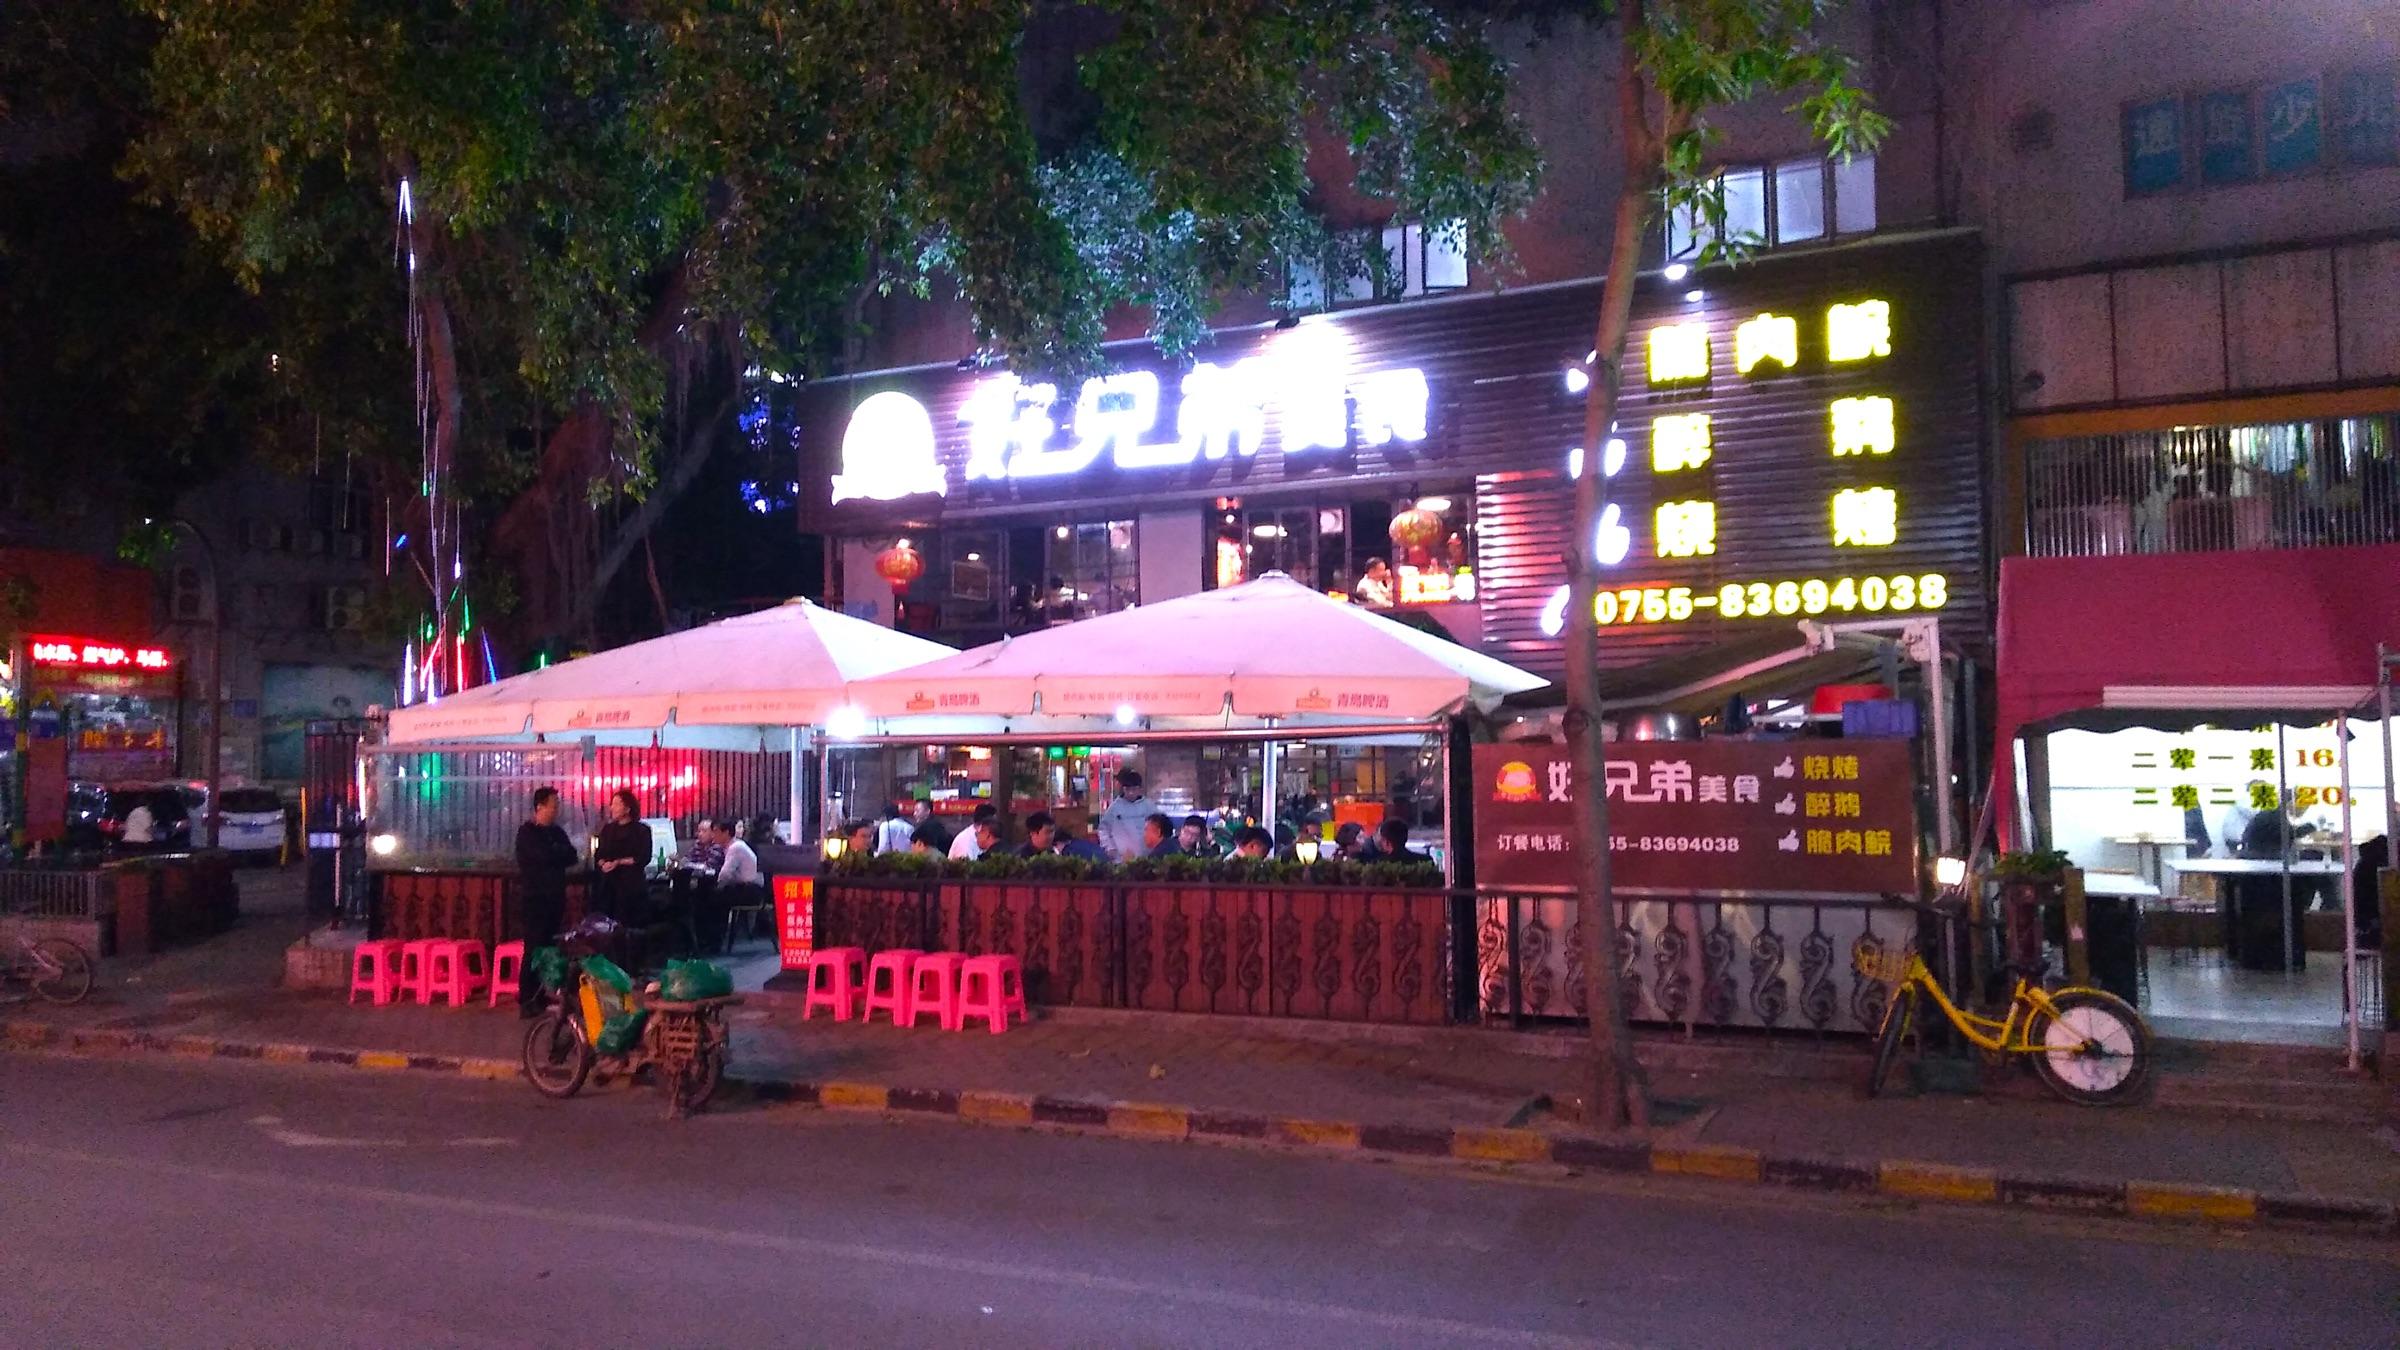 中国 深セン 福田の裏通りの飲食店1 Shenzhen Futian DOWN TOWN_[0]